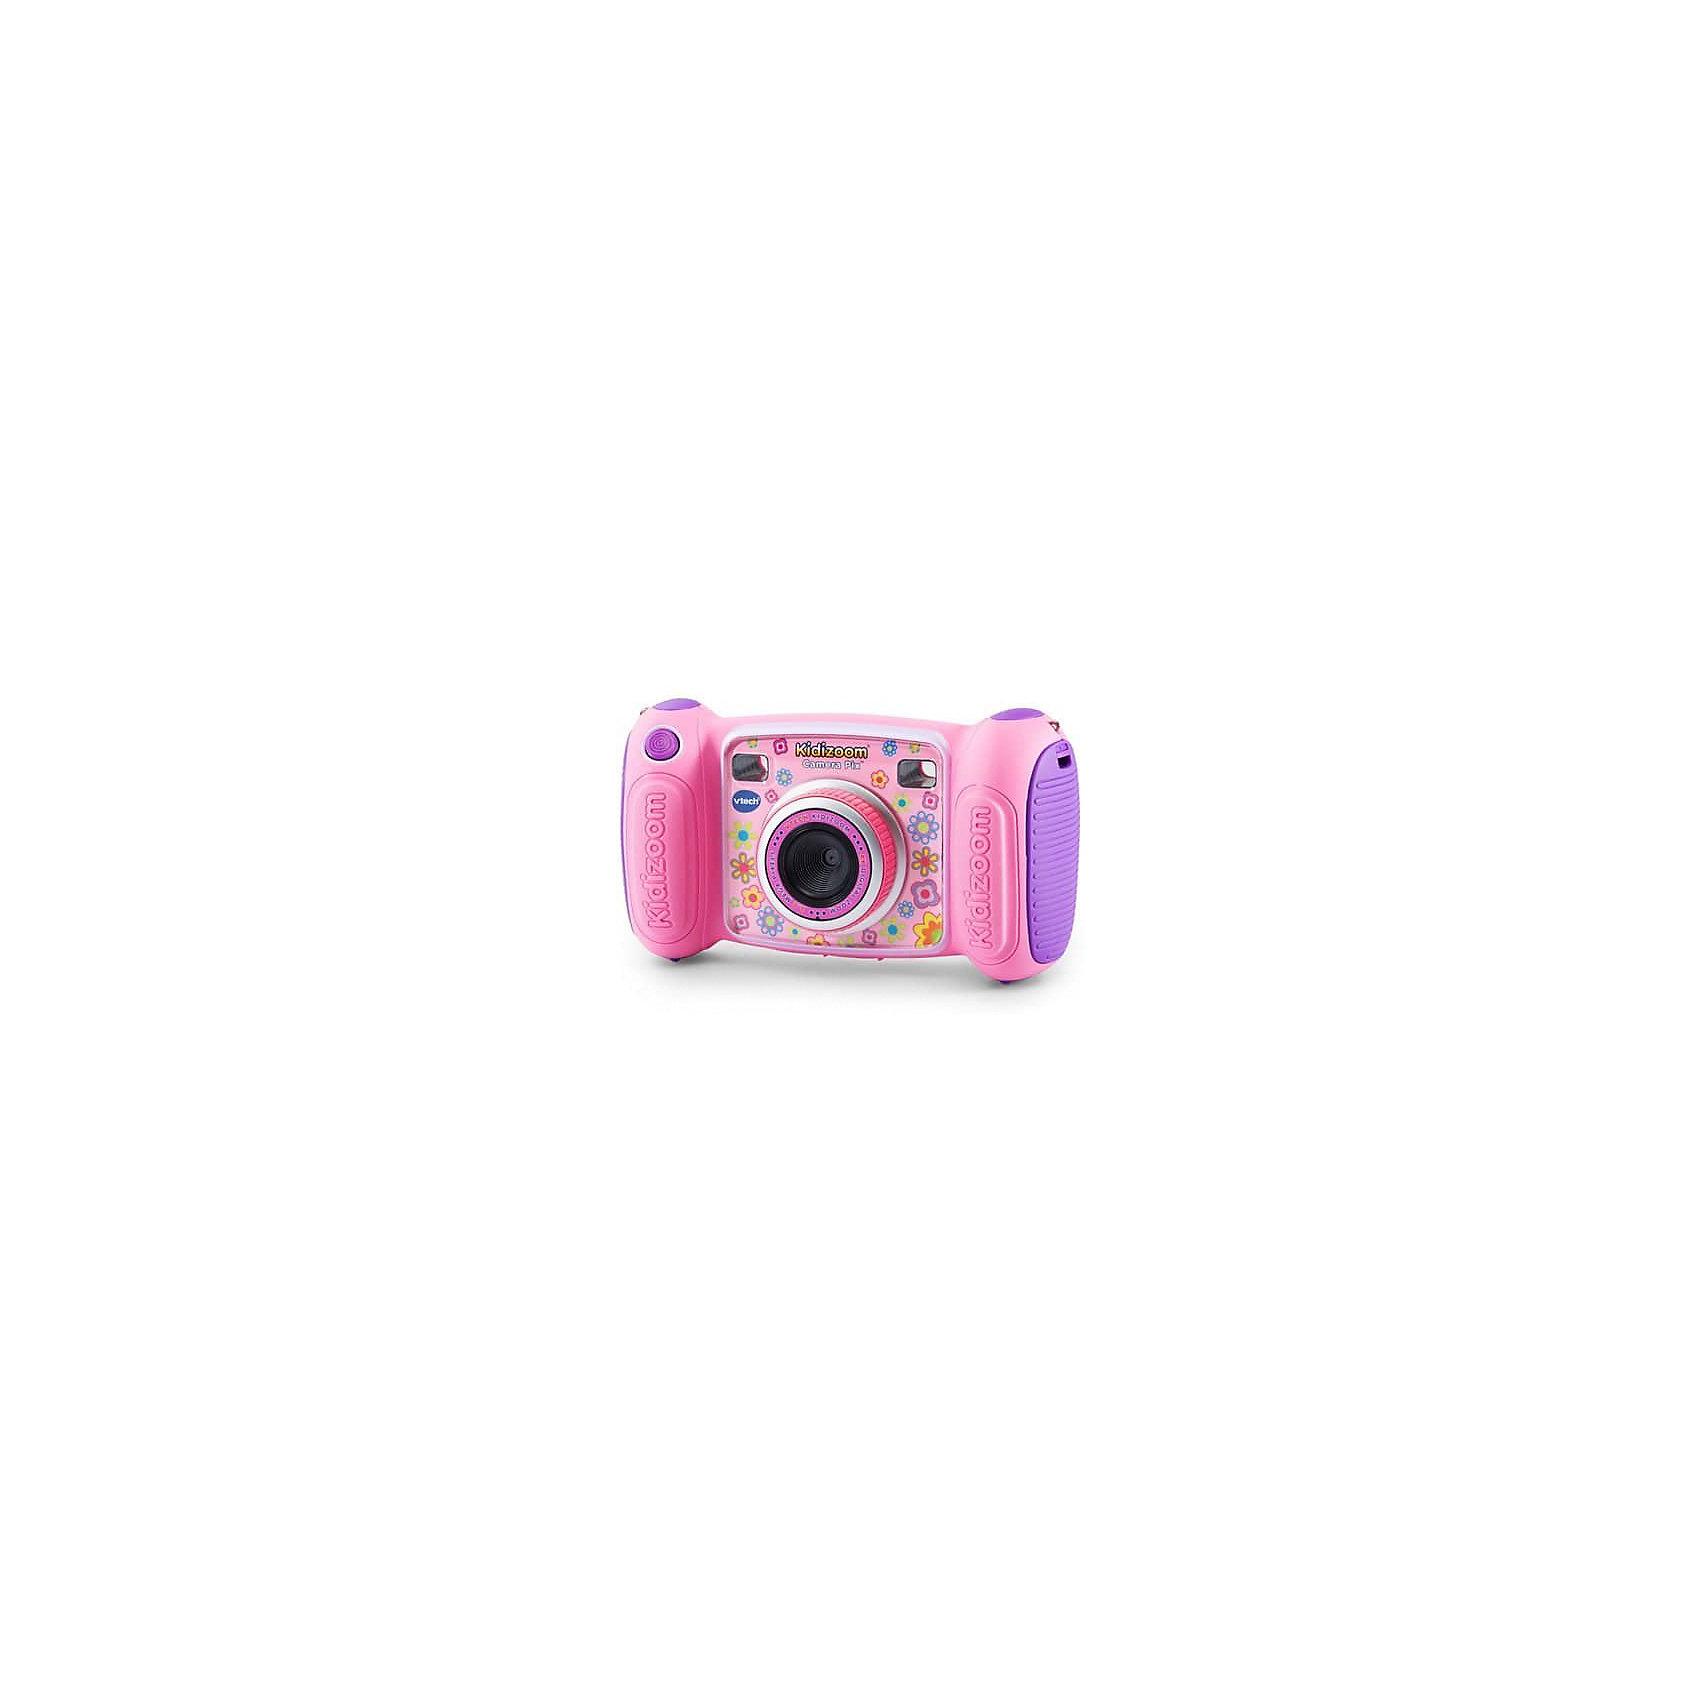 Цифровая камера Kidizoom Pix, розовая, VtechДетская электроника<br>Характеристики:<br><br>• Материал: пластик <br>• Комплектация: камера, кабель, браслет, инструкция<br>• Разрешение камеры: 0,3 Мп<br>• Встроенный диктофон с функциями изменения голоса<br>• Встроенные приложения для создания спецэффектов<br>• 3 встроенные игры<br>• Объем памяти устройства: 128 МБ (на 1000 фото)<br>• Размеры (Д*Ш*В): 16,2*5,8*9,1 см<br>• Вес: 380 г<br>• Особенности ухода: допускается сухая чистка<br><br>Цифровая камера Kidizoom Pix, розовая, Vtech – это многофункциональный интерактивный гаджет от французского производителя, который является мировым лидером по выпуску электронных обучающих устройств и игрушек. <br><br>Эта уникальная камера относятся к последнему поколению цифровых обучающих устройств для детей. Многофункциональное устройство включает в себя множество полезных и необходимых функций, которые позволят вашему ребенку осваивать современные технологии в фото и видеосъемке. <br><br>Камера имеет компактный размер и легкий вес, благодаря чему ее можно брать с собой на велосипедные прогулки, в путешествия или экспедиции. <br>Большой объем памяти позволяет хранить до 1000 снимков. Различные встроенные функции позволят обрабатывать и оформлять изображения, создавать из них анимированные ролики. <br><br>Цифровую камеру Kidizoom Pix, розовая, Vtech можно купить в нашем интернет-магазине.<br><br>Ширина мм: 203<br>Глубина мм: 279<br>Высота мм: 71<br>Вес г: 600<br>Возраст от месяцев: 72<br>Возраст до месяцев: 108<br>Пол: Женский<br>Возраст: Детский<br>SKU: 5471082